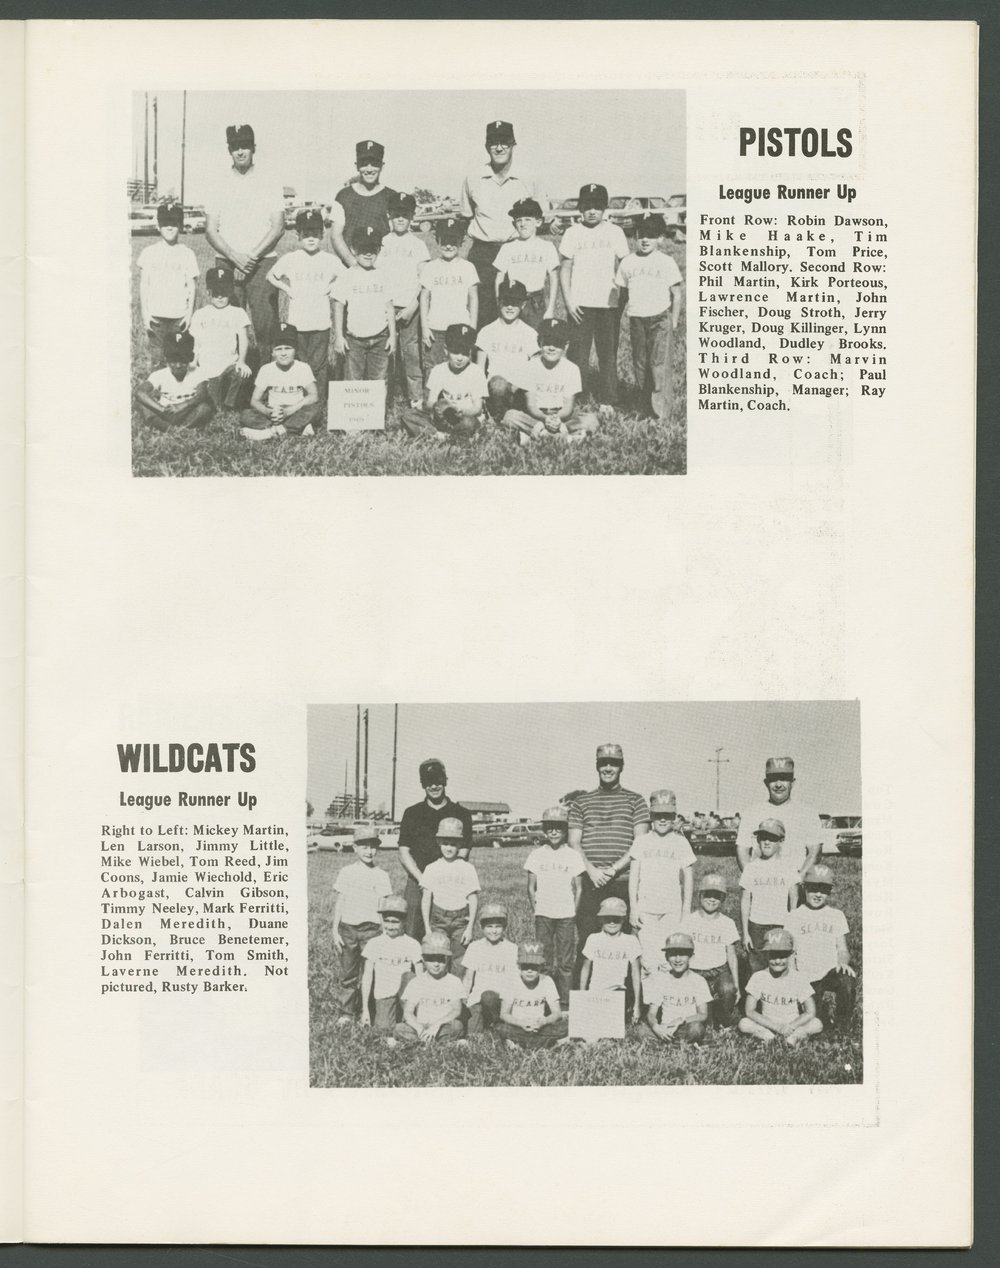 1969 SCABA baseball yearbook, Topeka, Kansas - 7